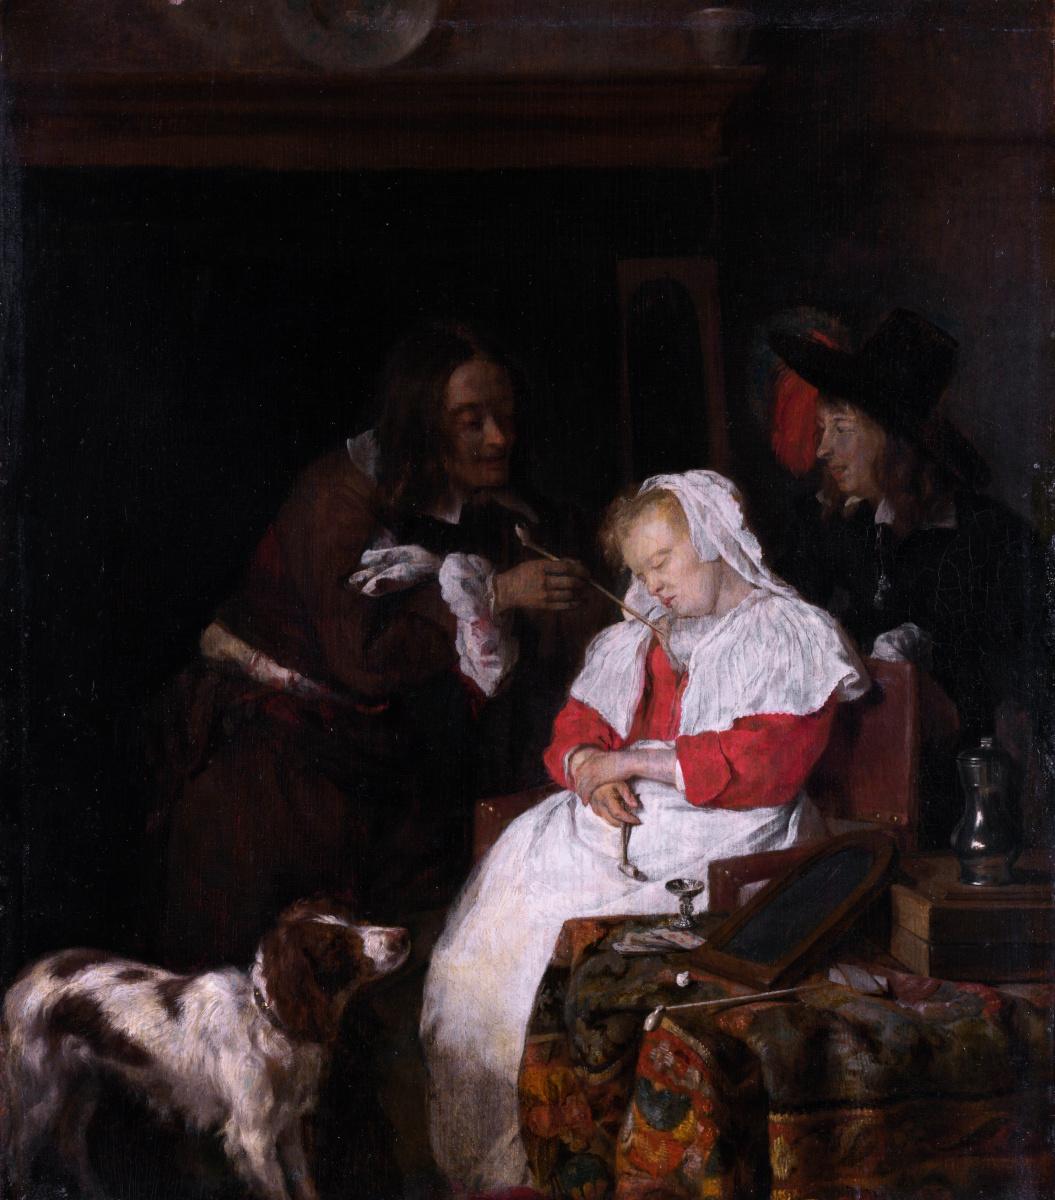 Габриель Метсю. Двое мужчин с спящей женщиной